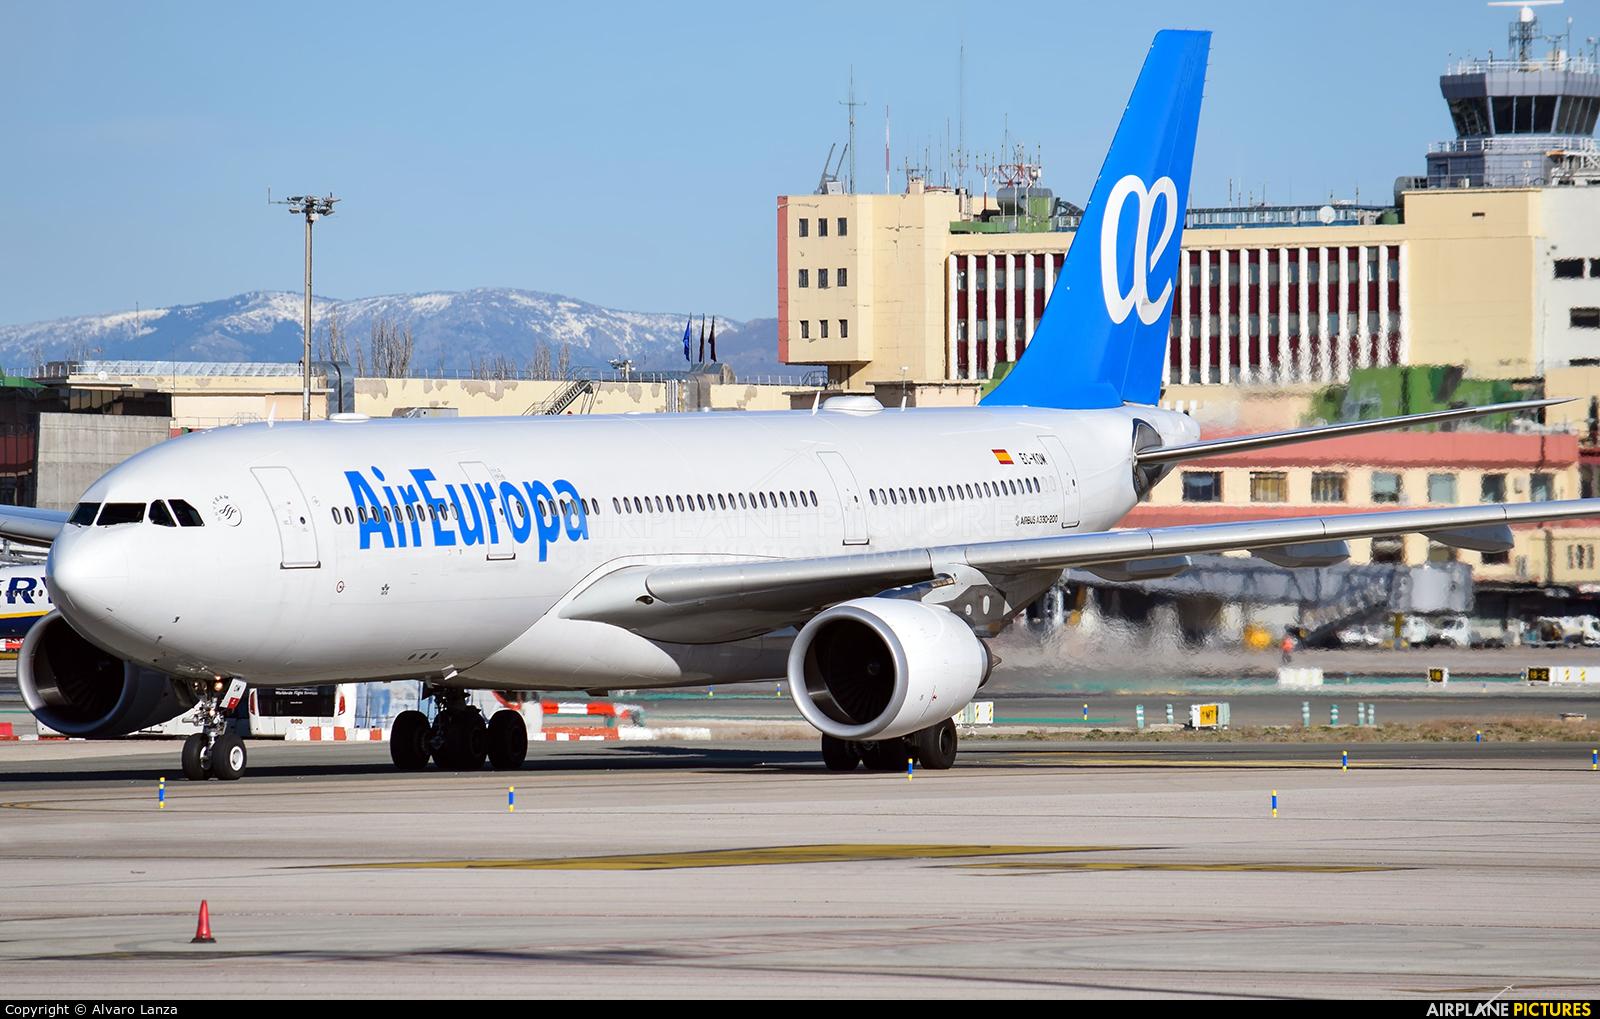 Air Europa EC-KOM aircraft at Madrid - Barajas